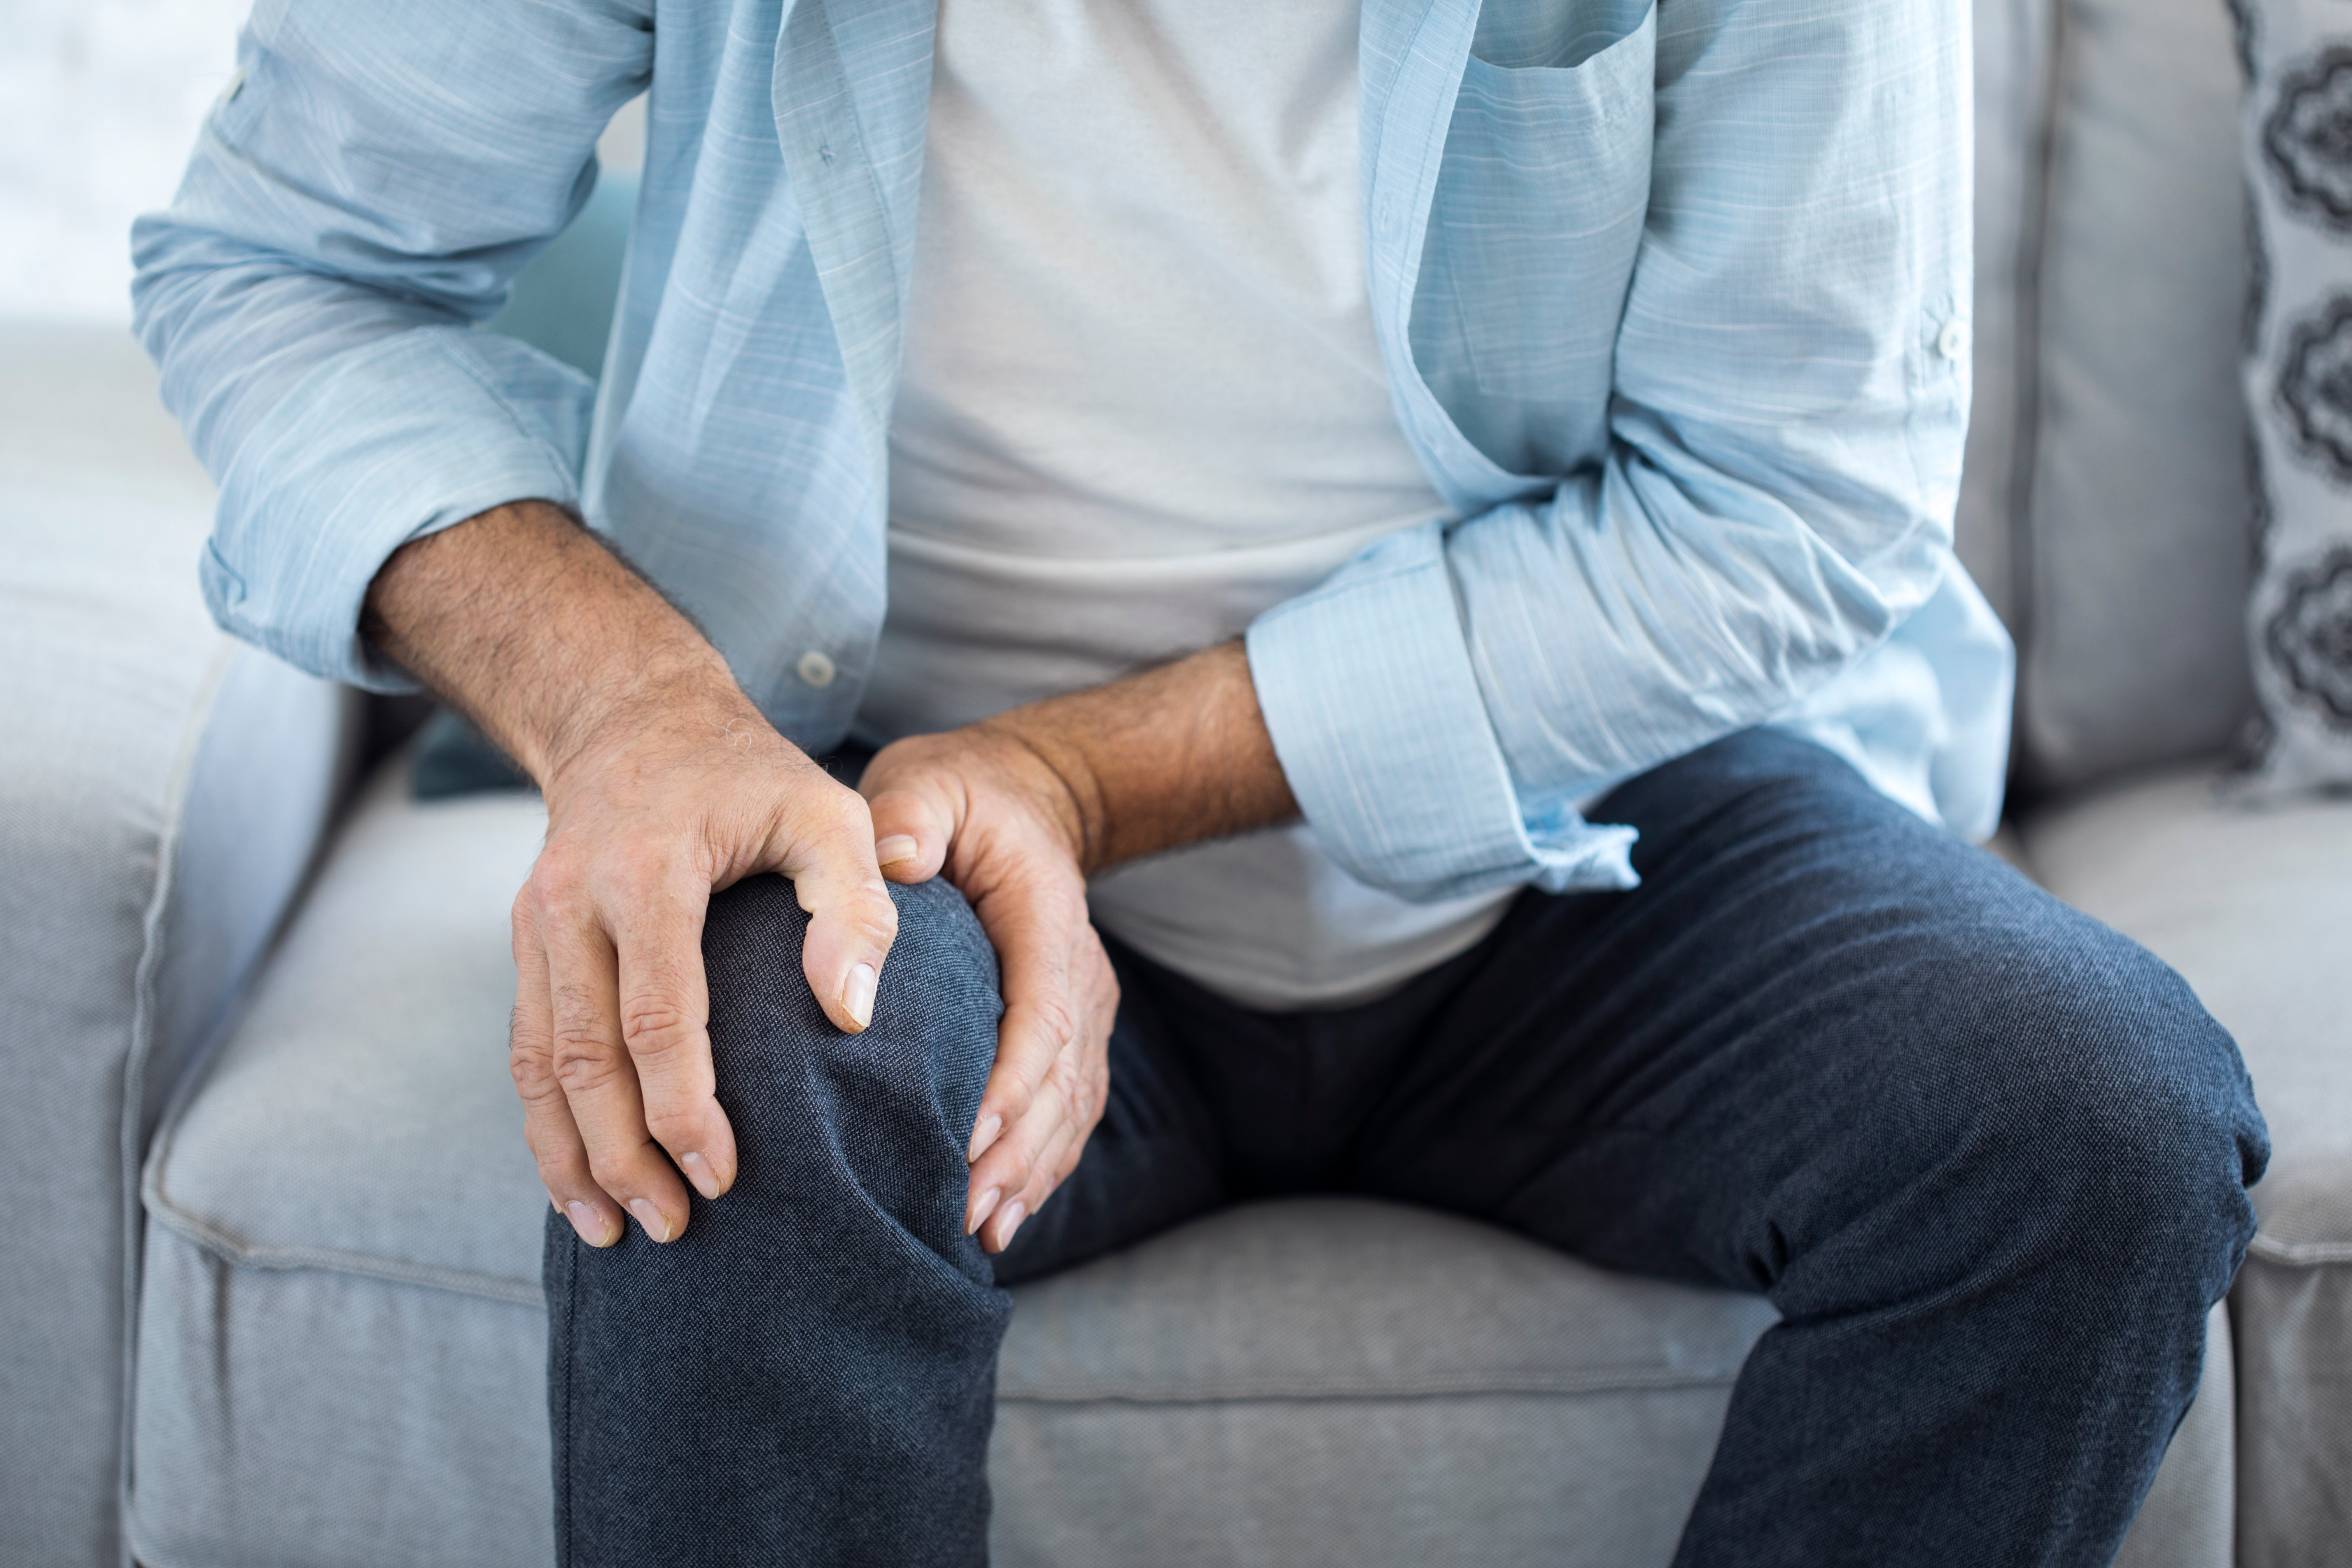 hogyan lehet kezelni a vírusos ízületi gyulladást